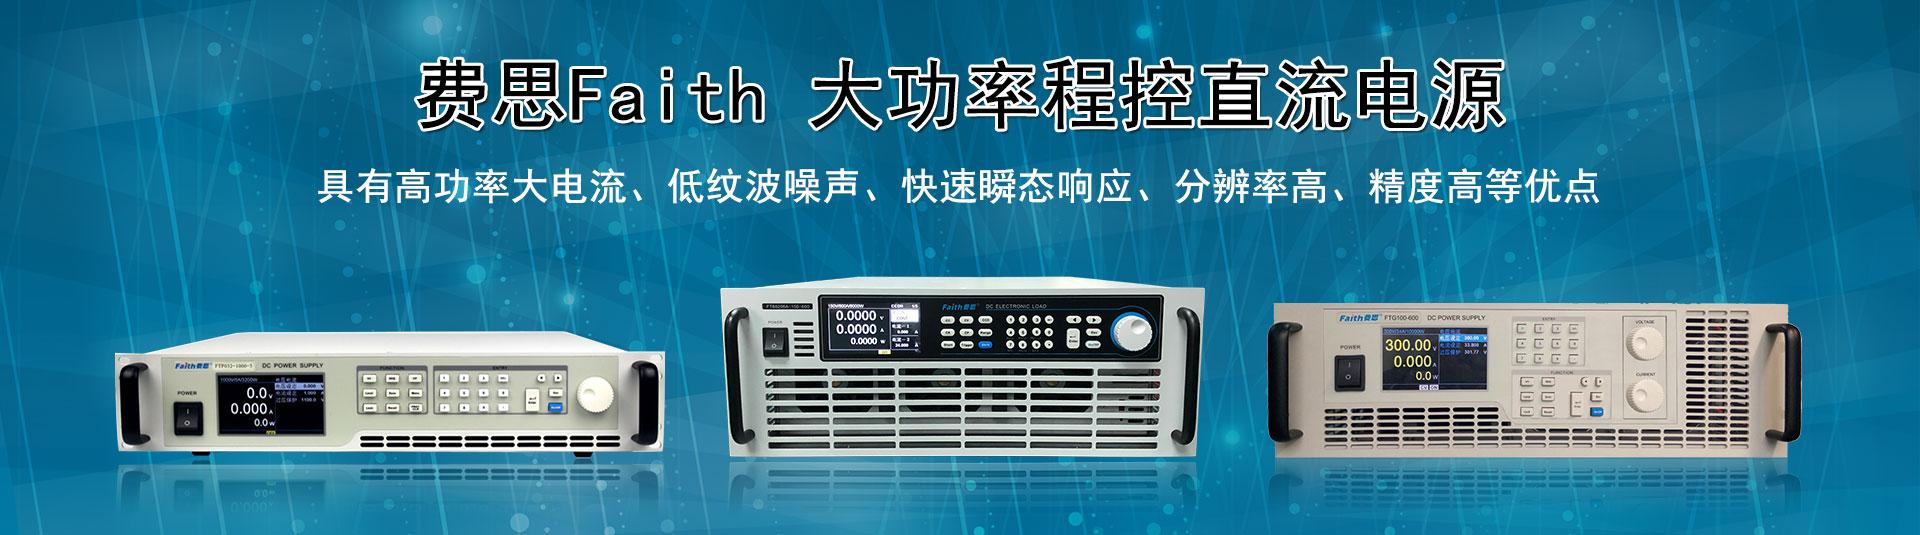 宇捷弘业费思电源电子负载FTG-FTP-FT6800